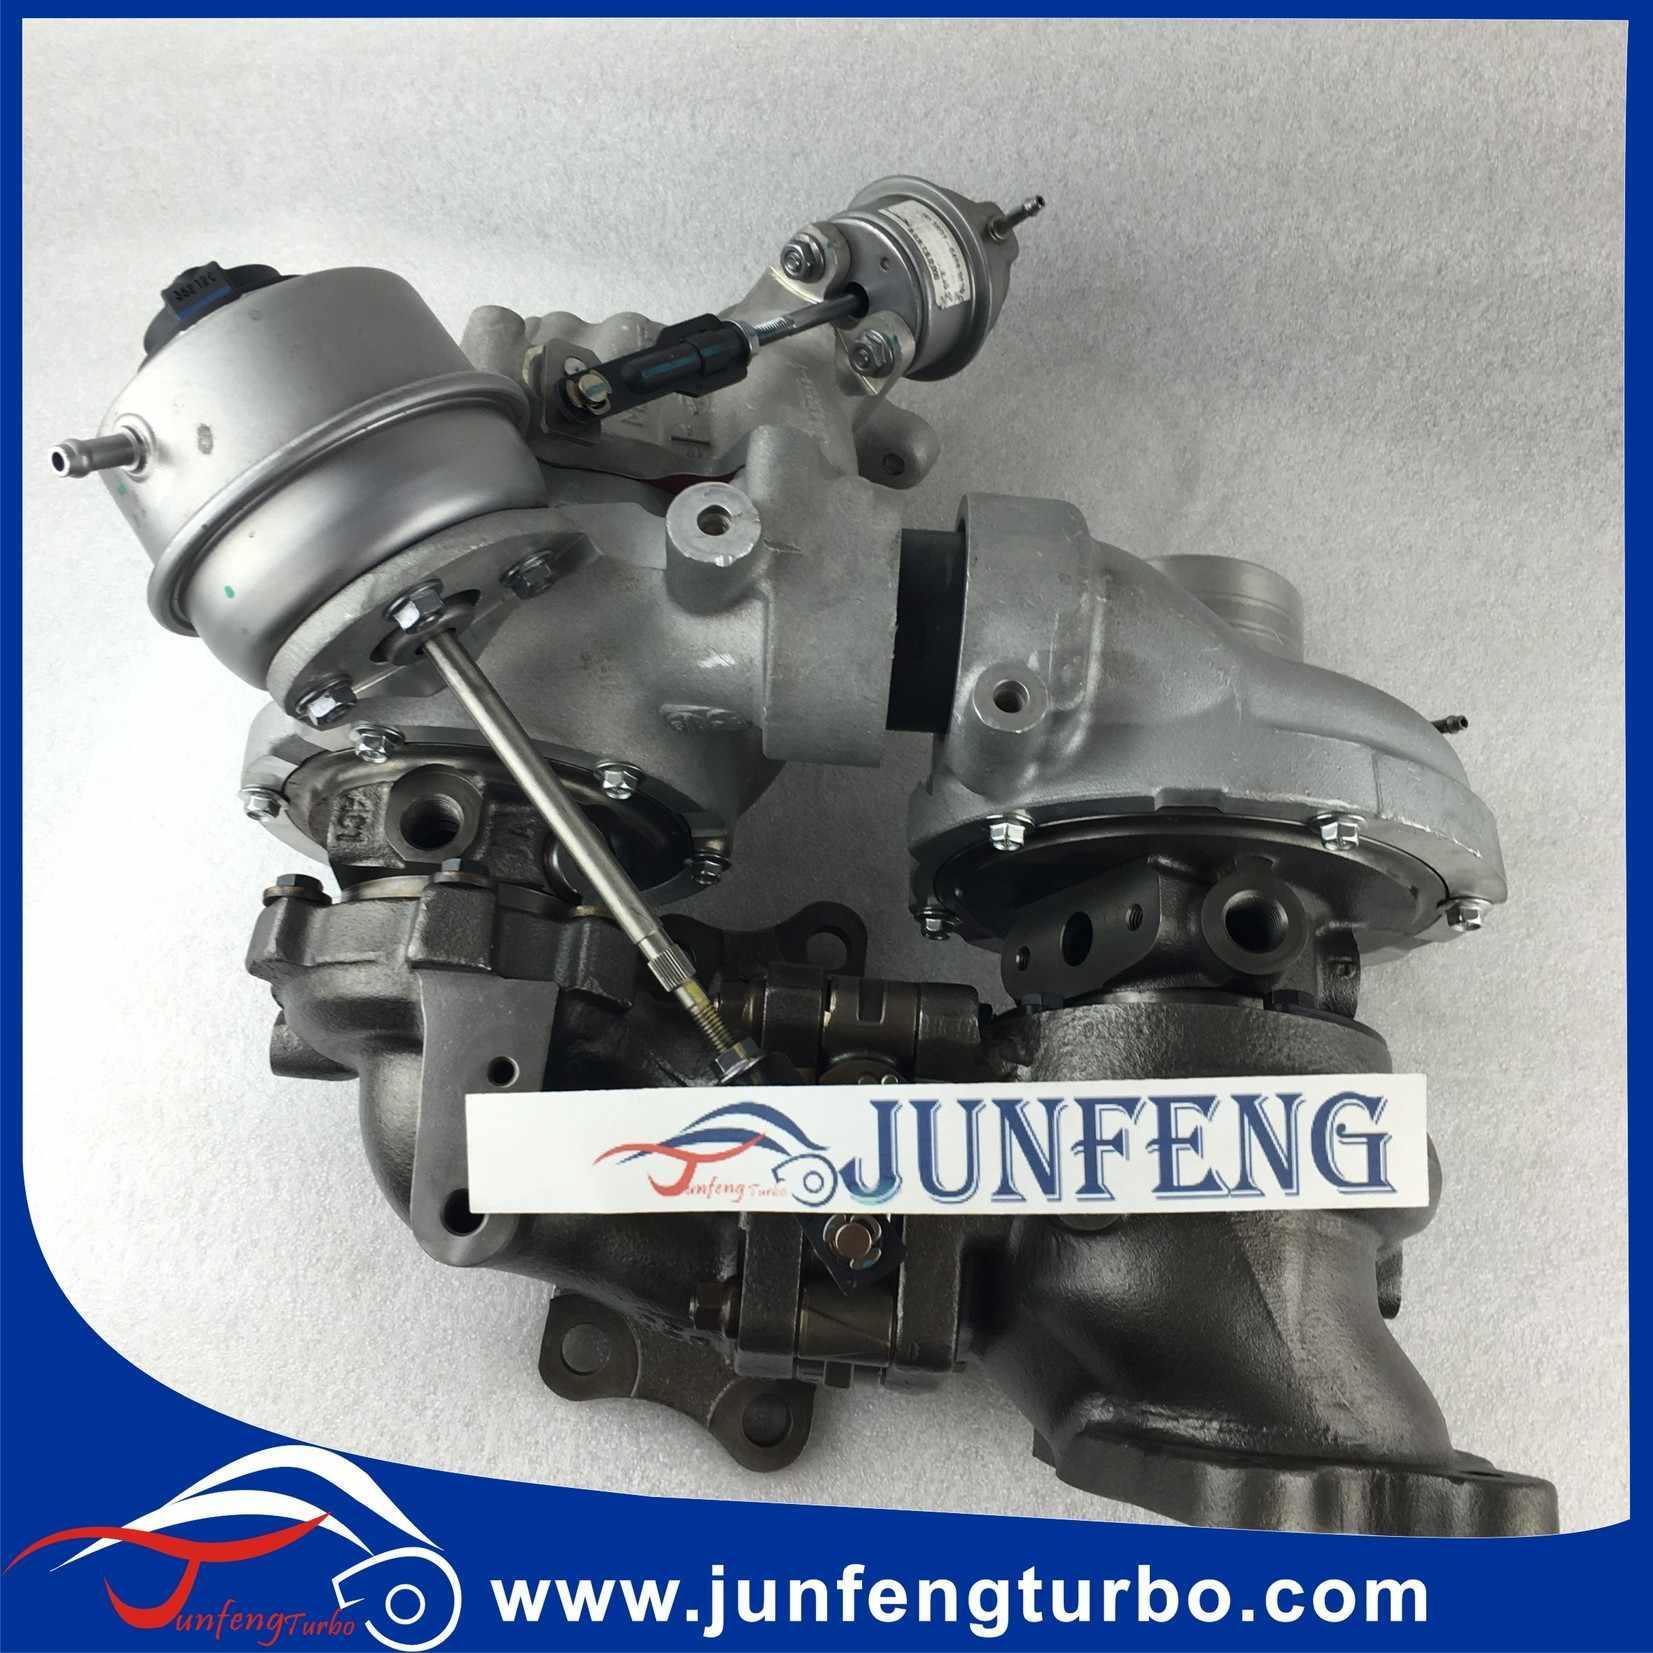 SH01-13700 Mazda turbo 810356-0001 810357-0002 turbocharger 810358 CX5 4WD